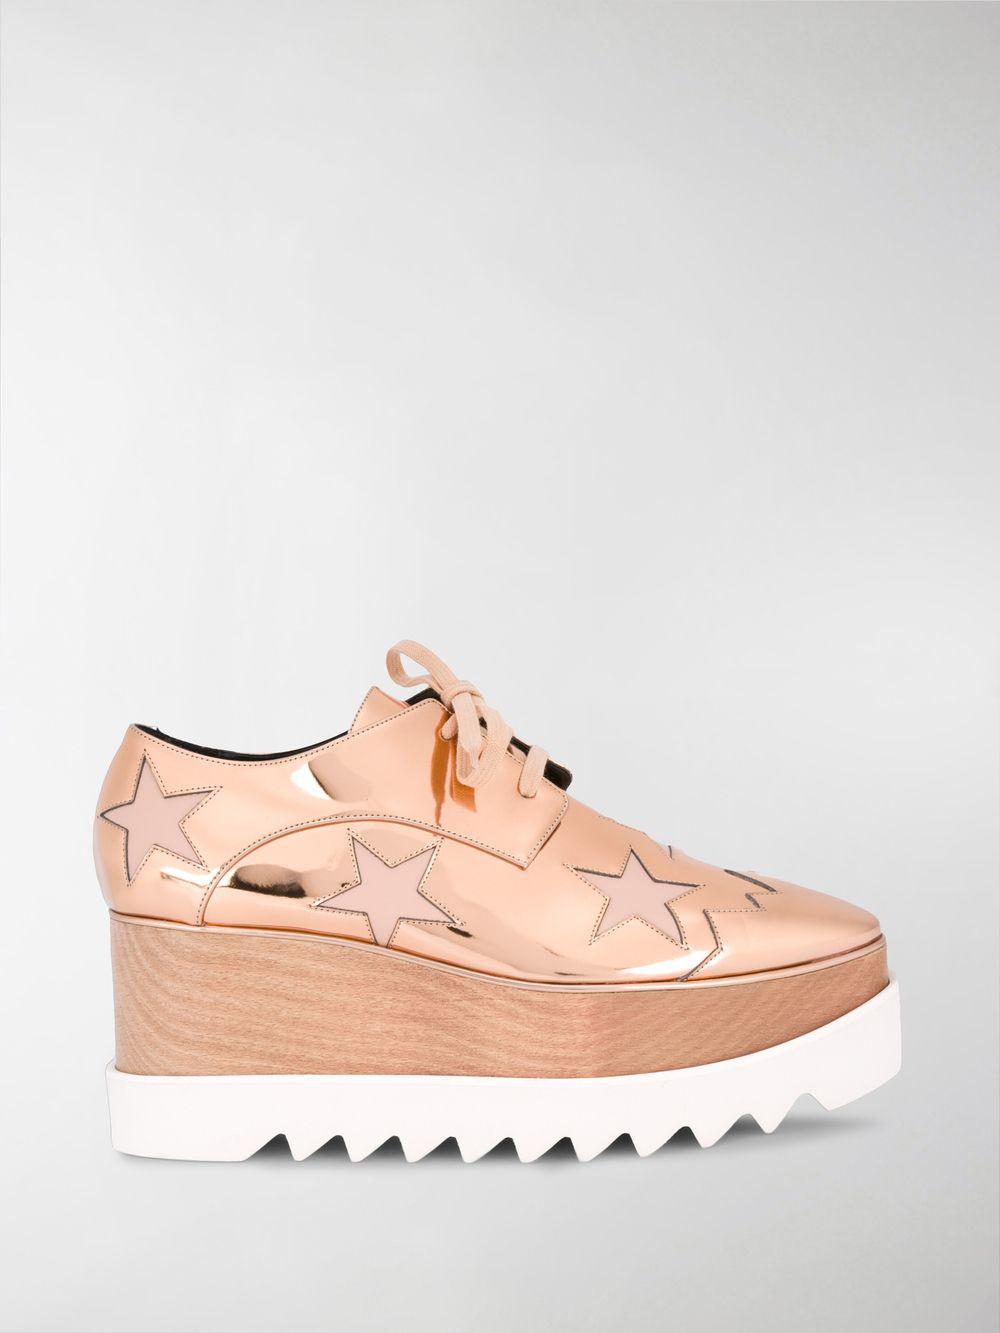 c3c09174db32 Stella Mccartney Elyse Star Platform Shoes in Pink - Lyst